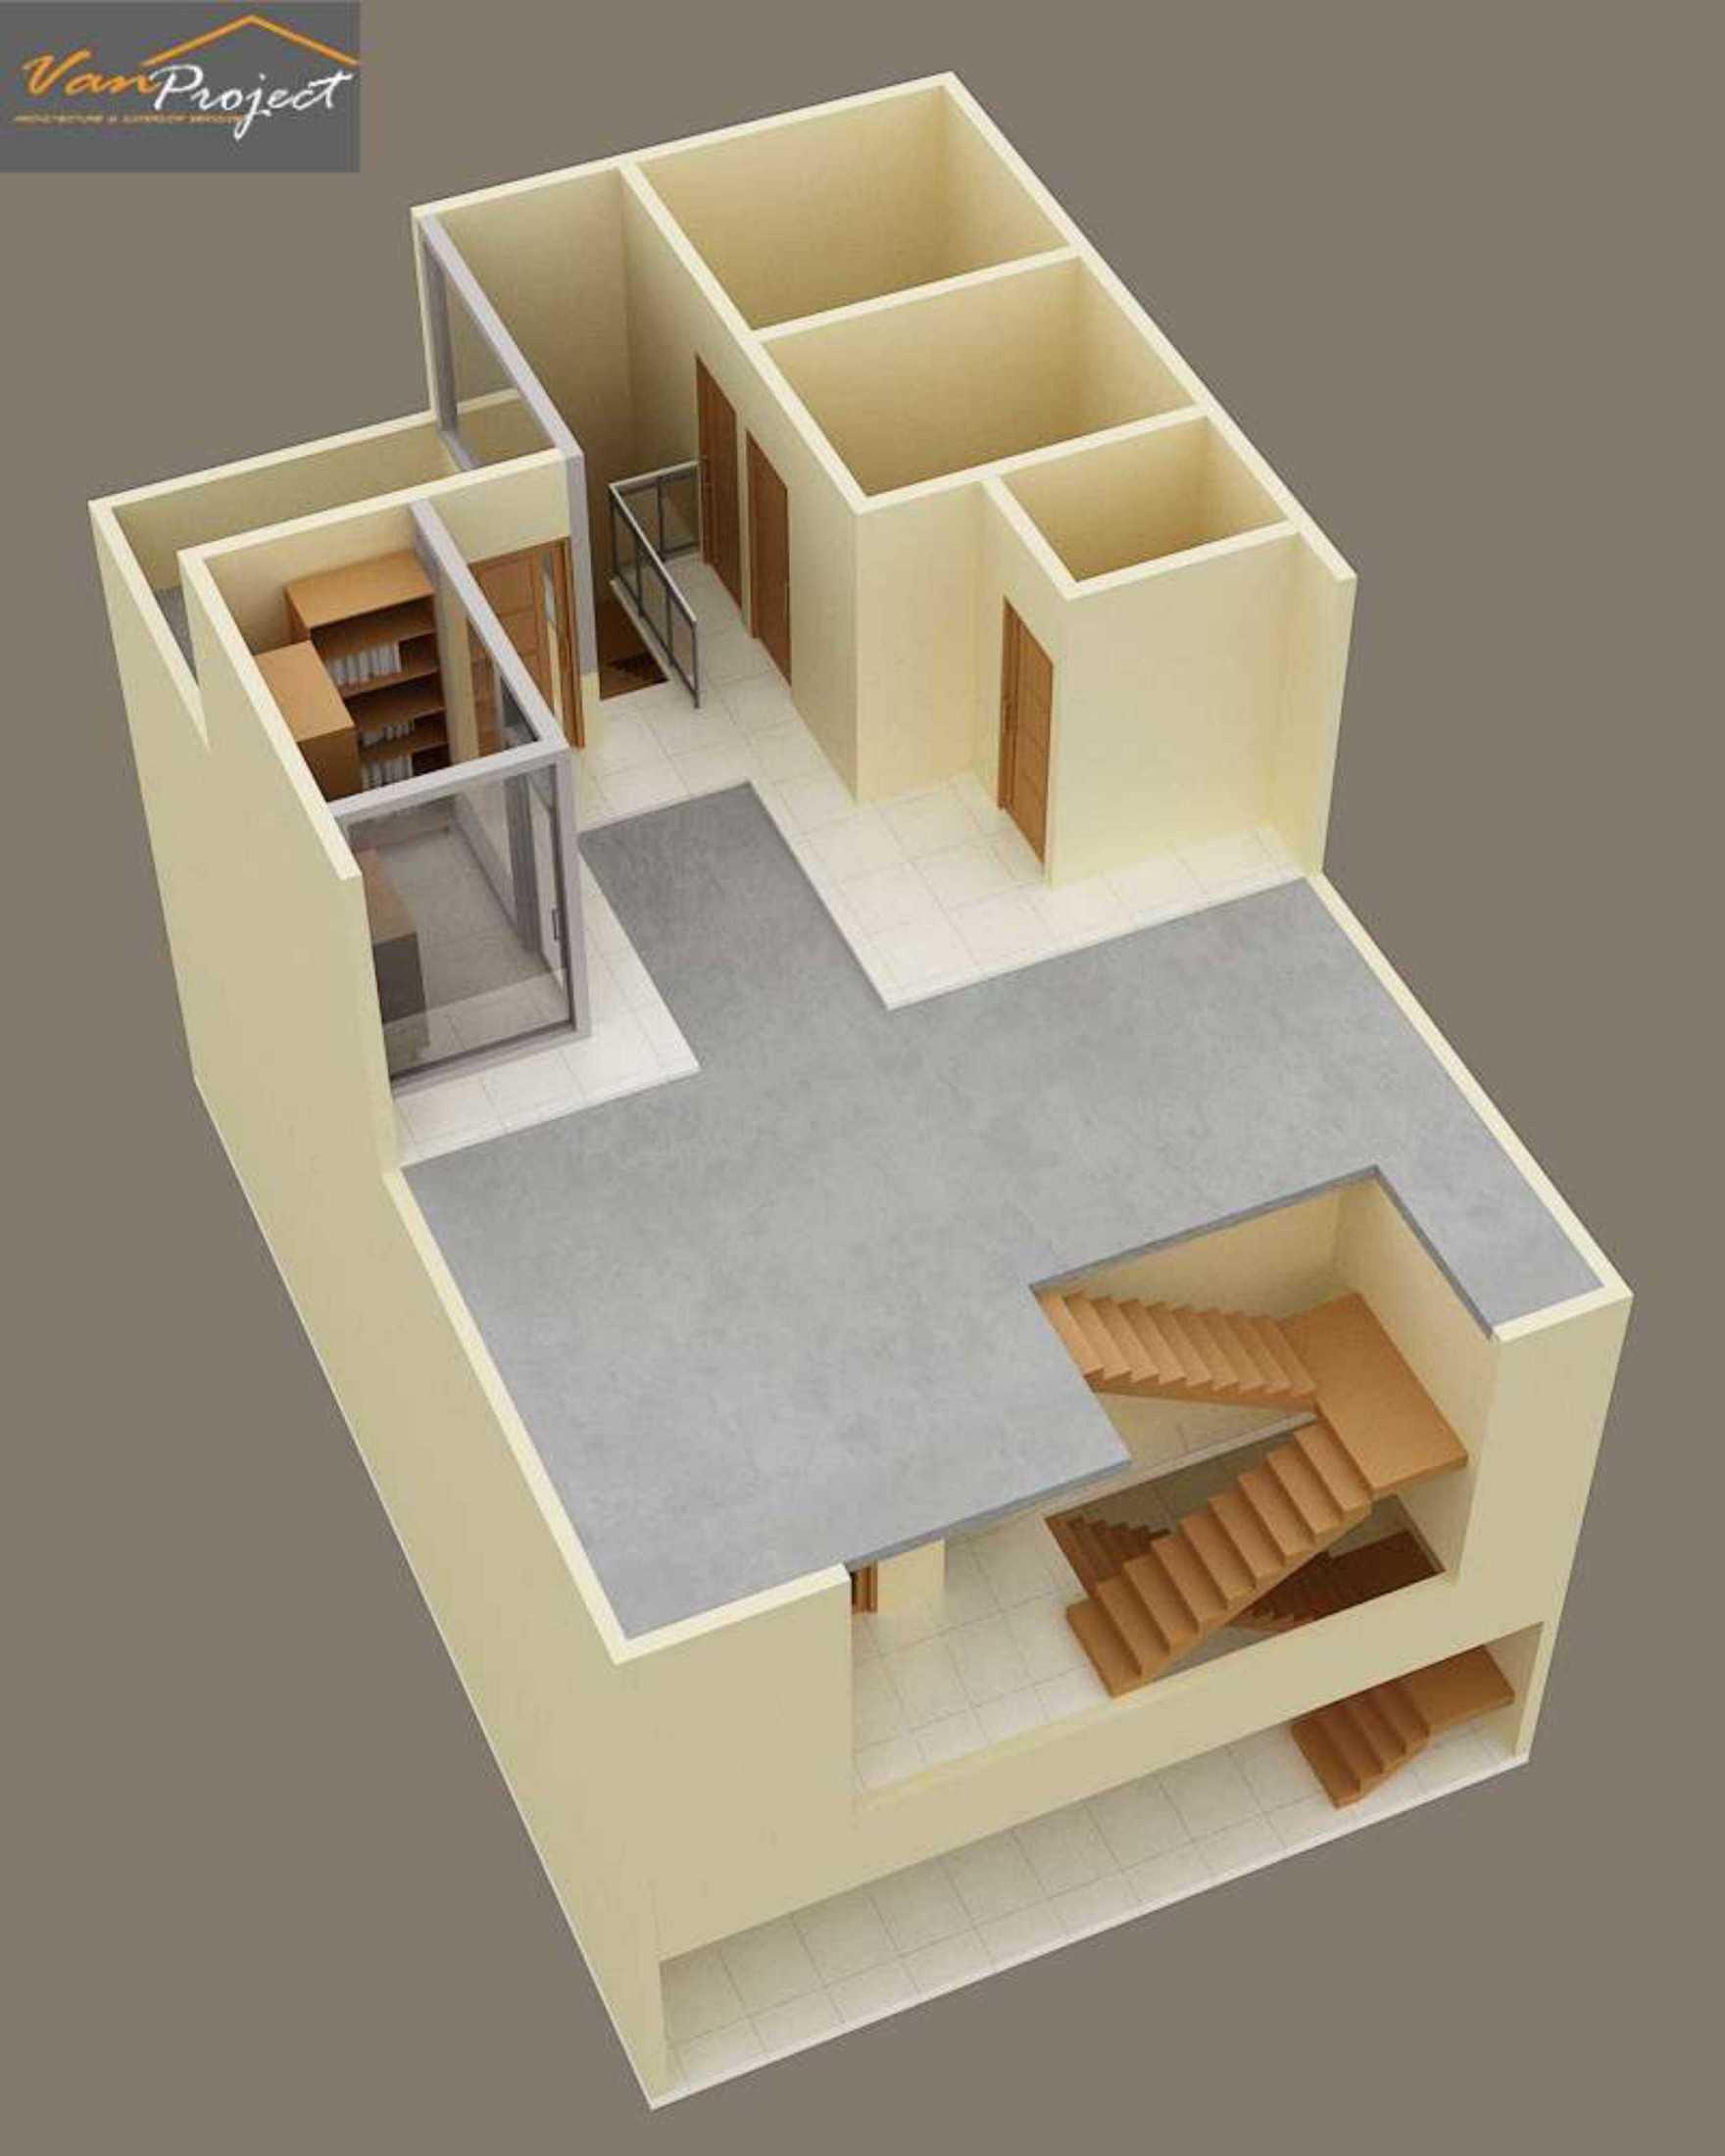 Vanproject 3D Design And Build Bekasi, Kota Bks, Jawa Barat, Indonesia Bekasi, Kota Bks, Jawa Barat, Indonesia Vanproject-3D-Design-And-Build  128489